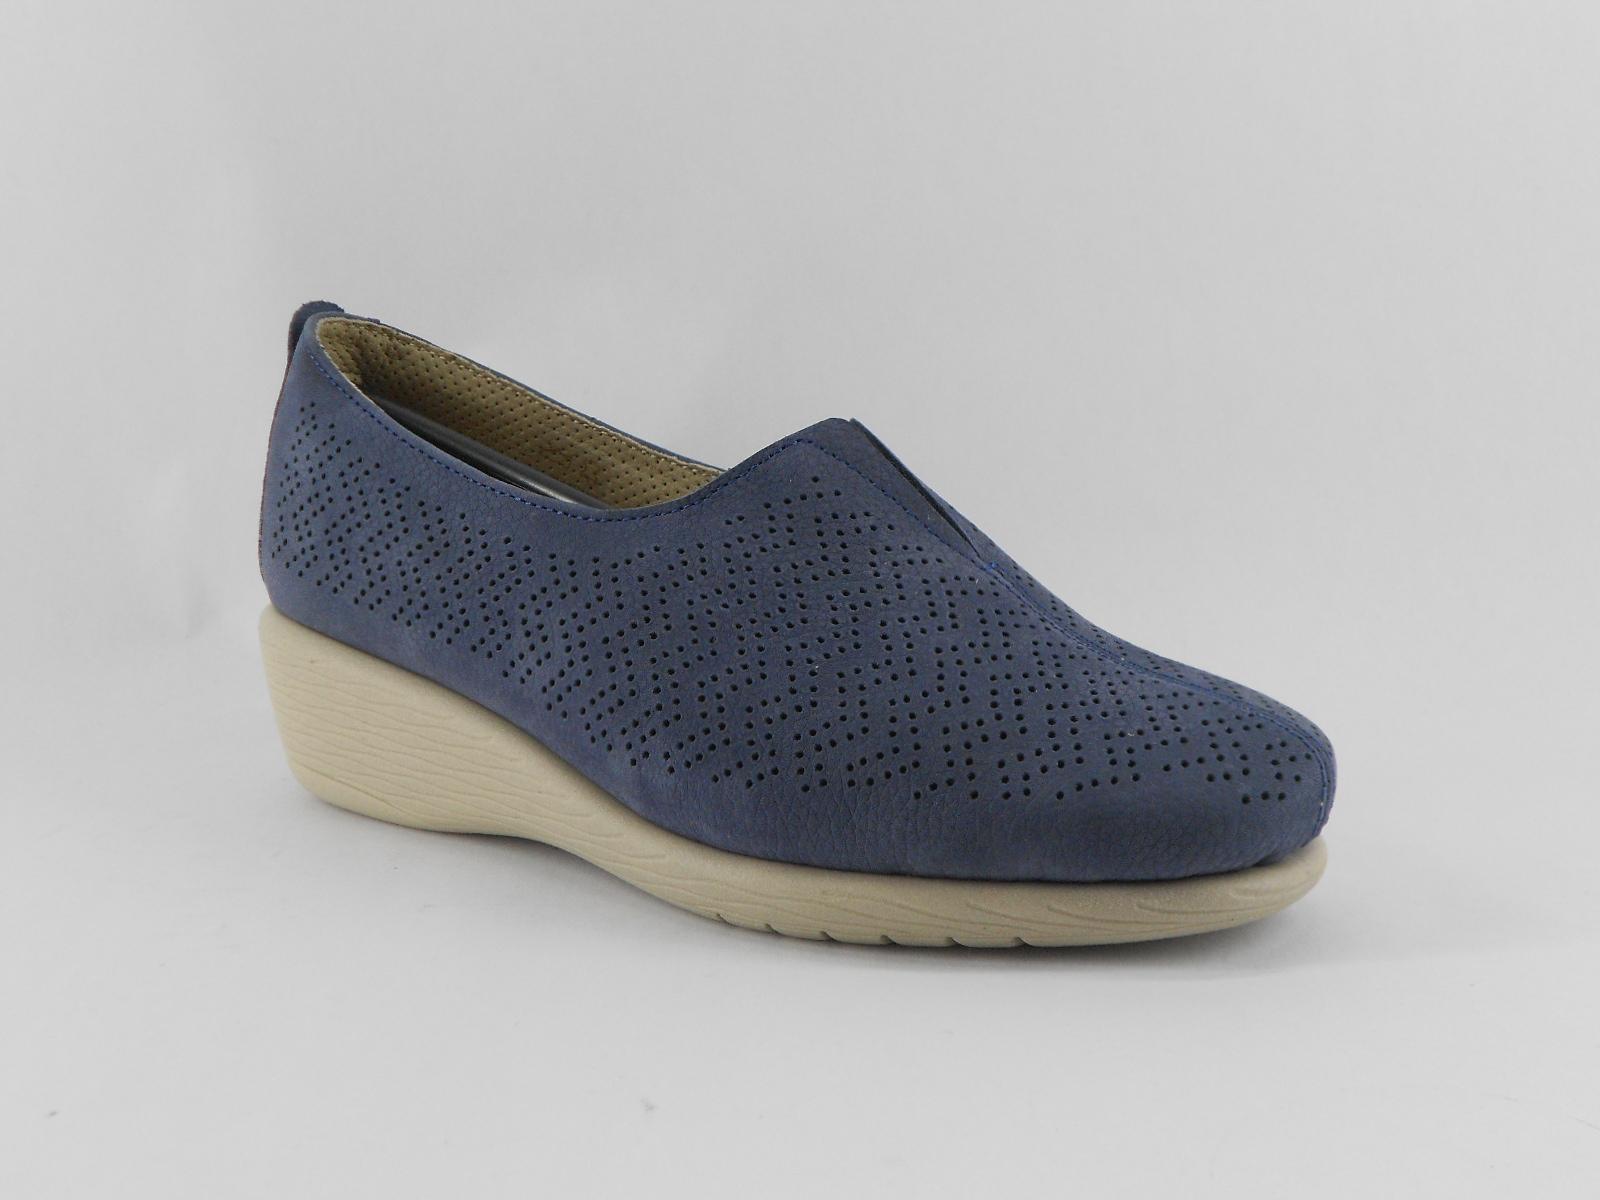 3510f6f072 Sapatos Senhora Conforto - Loja dos Sapatos